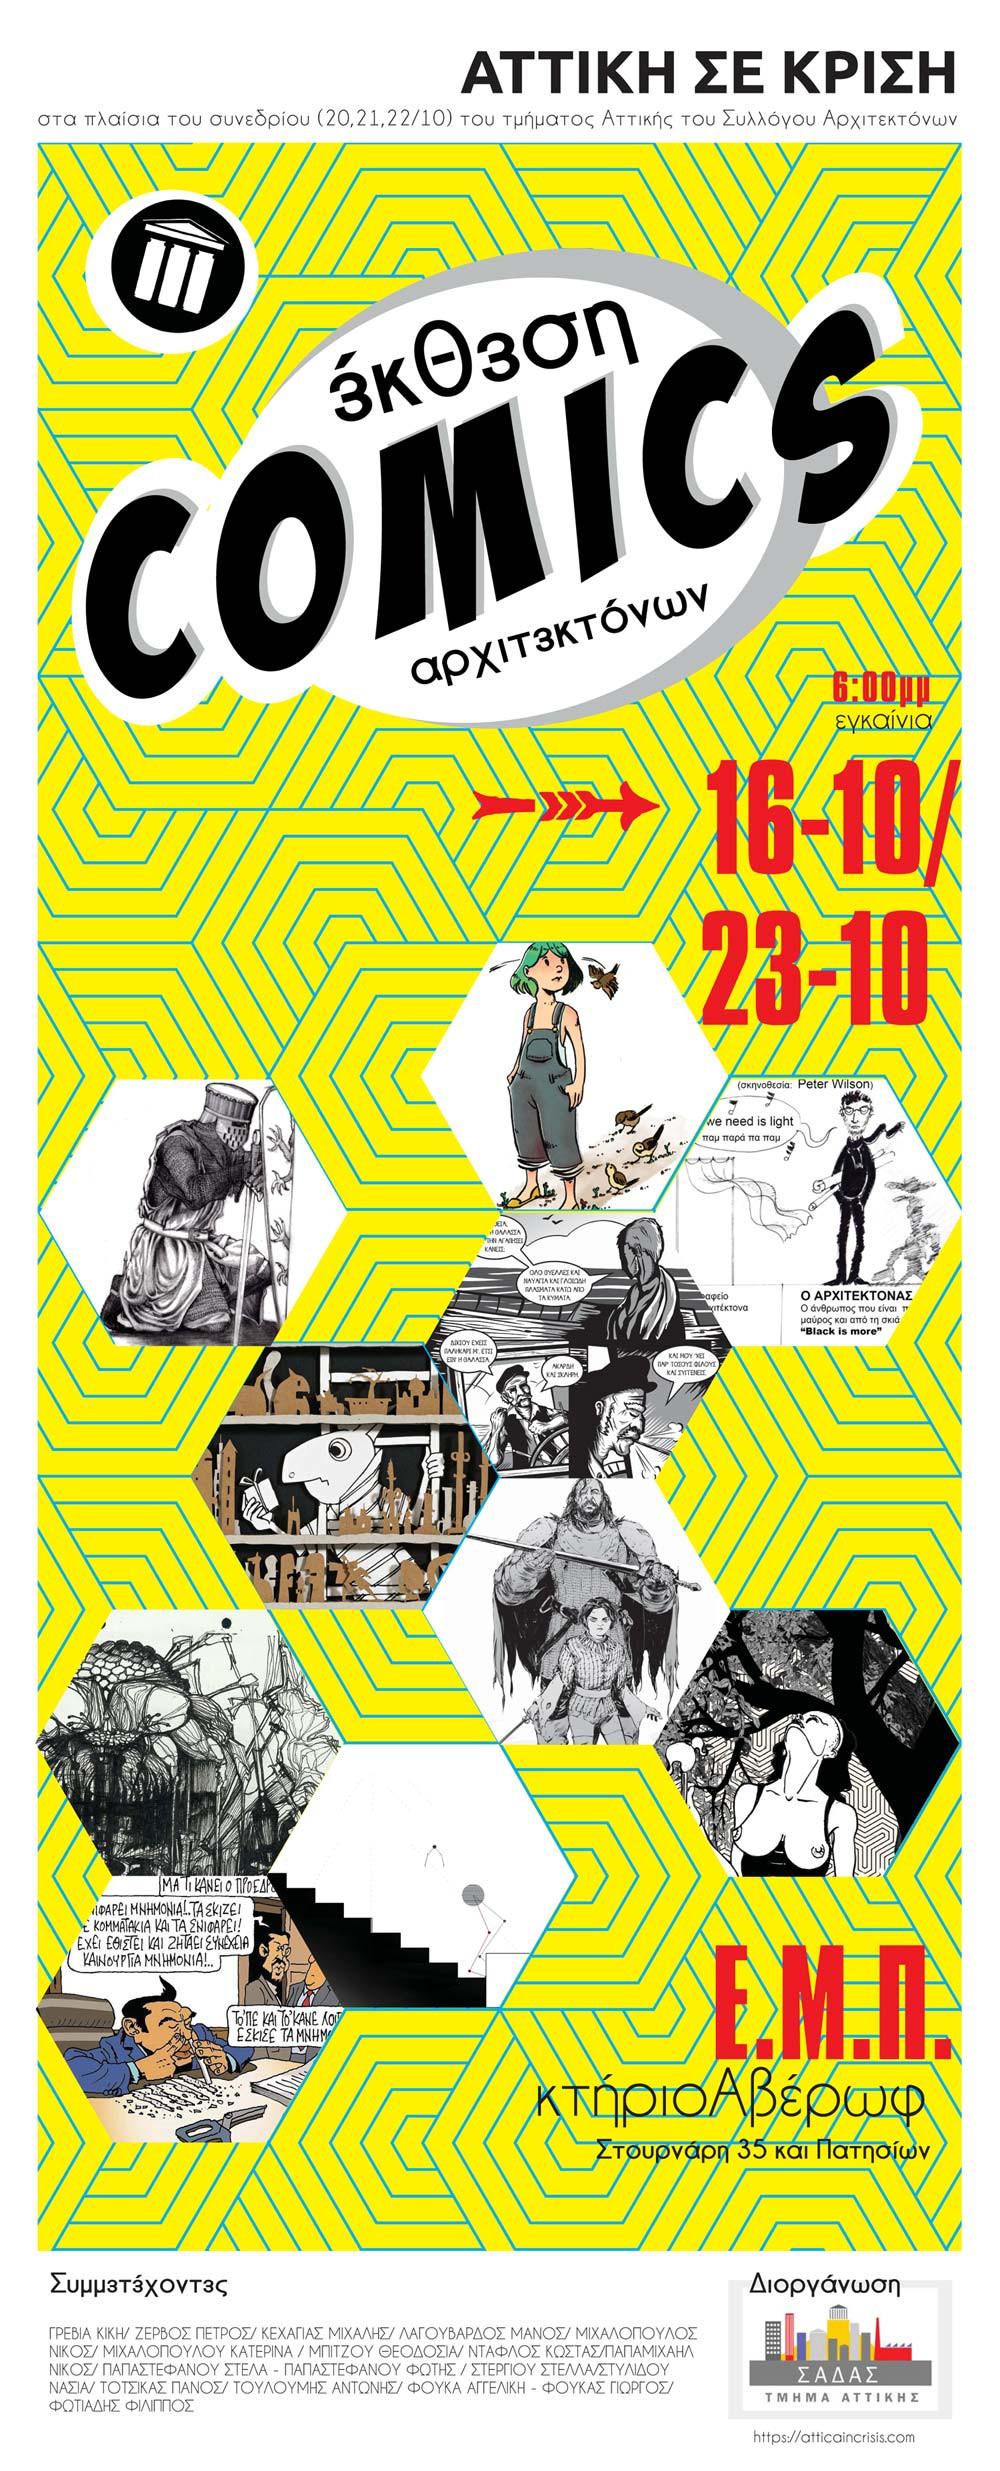 Αrchitecture comics exhibition opens in Athens